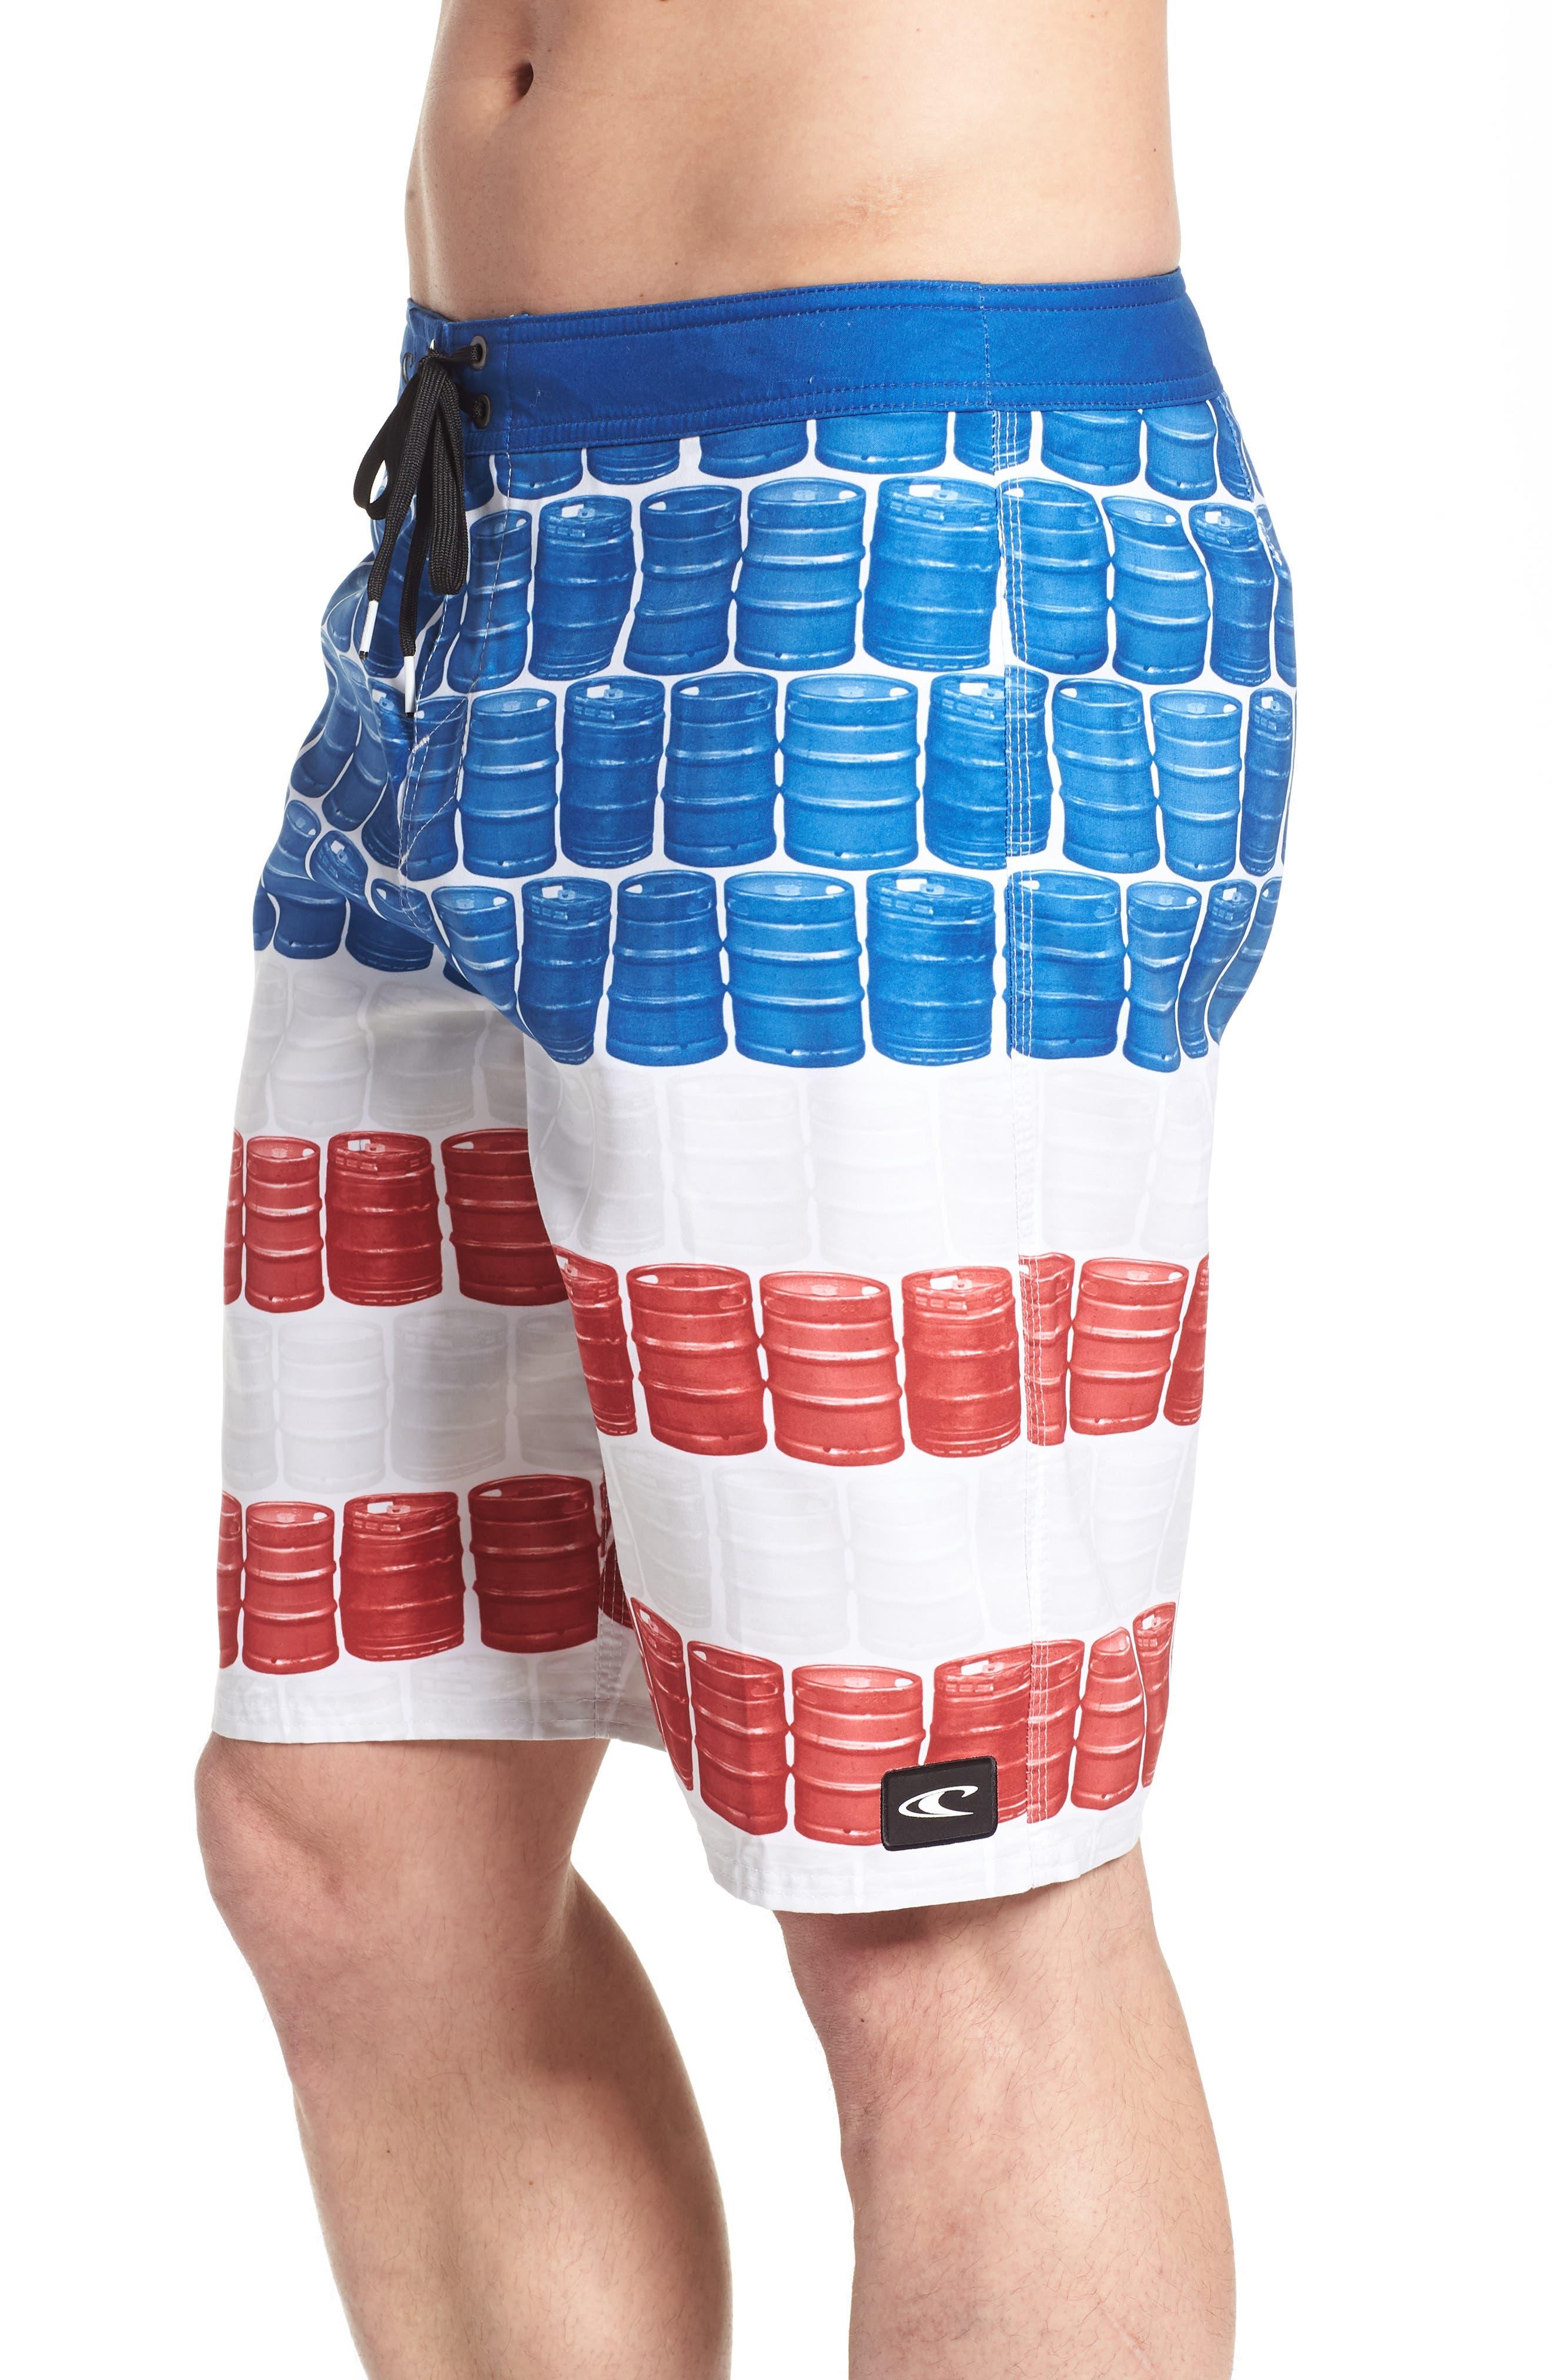 Kegleg Board Shorts,                             Alternate thumbnail 4, color,                             840